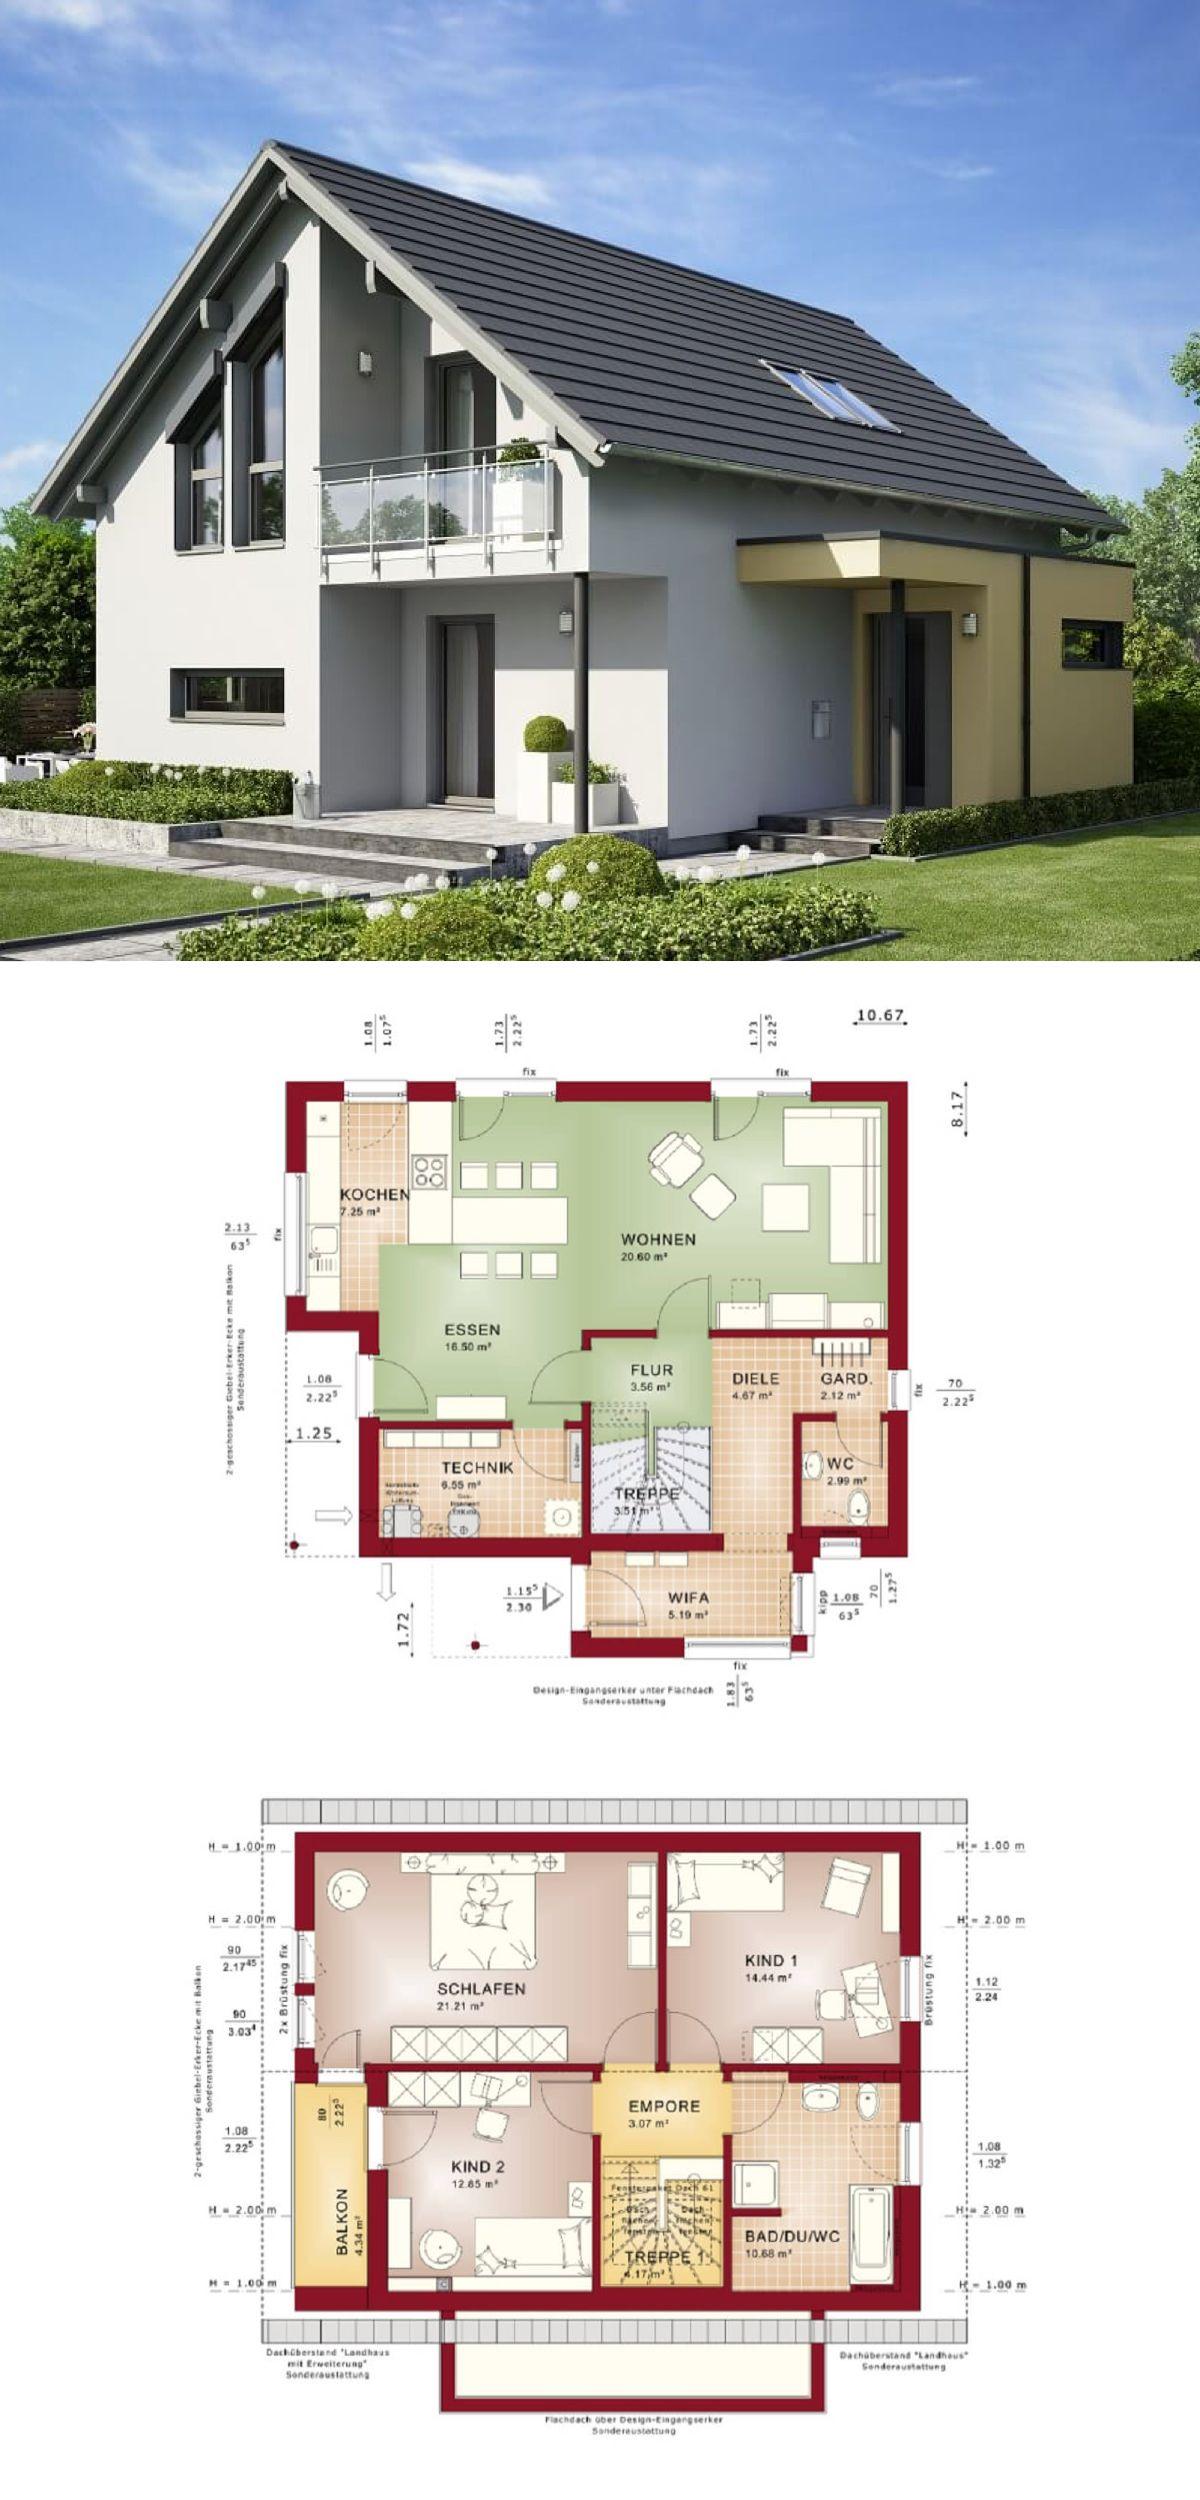 Einfamilienhaus Edition 1 V6 Bien Zenker   Haus Bauen Grundriss Modern 4  Zimmer Satteldach Offene Küche